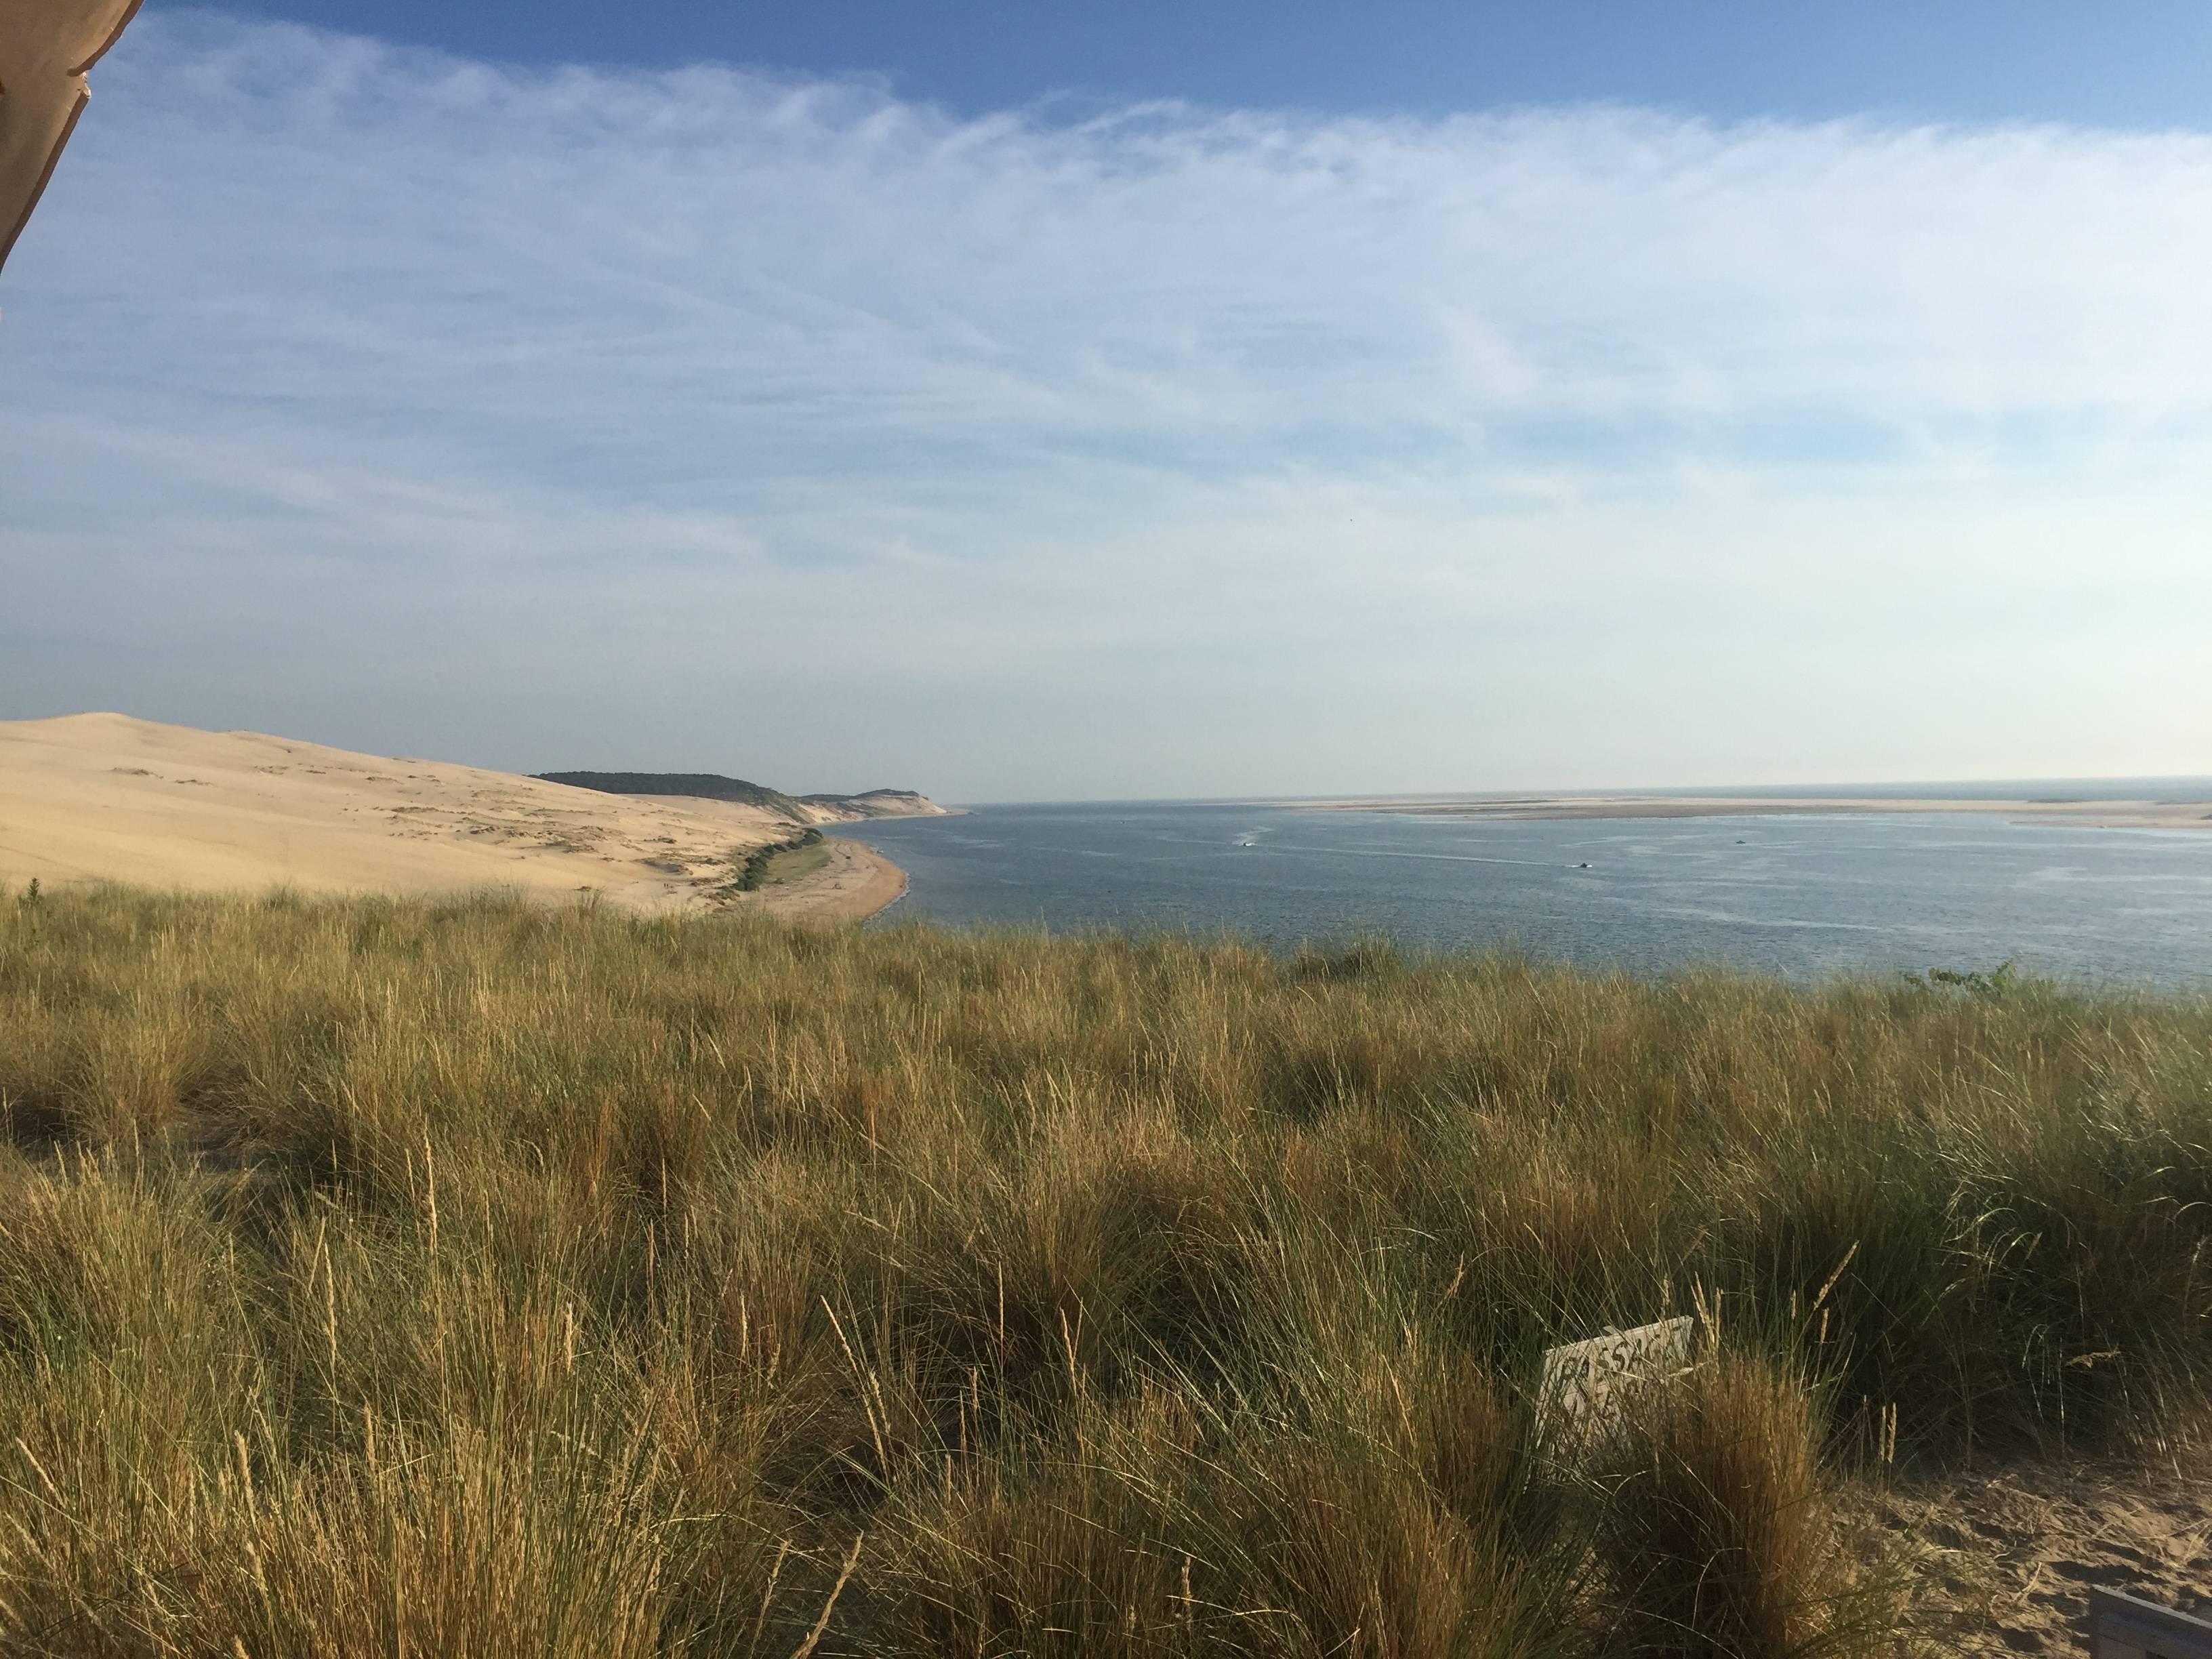 Photo 2: Repas à la Coorniche avec vue sur le banc d'arguin